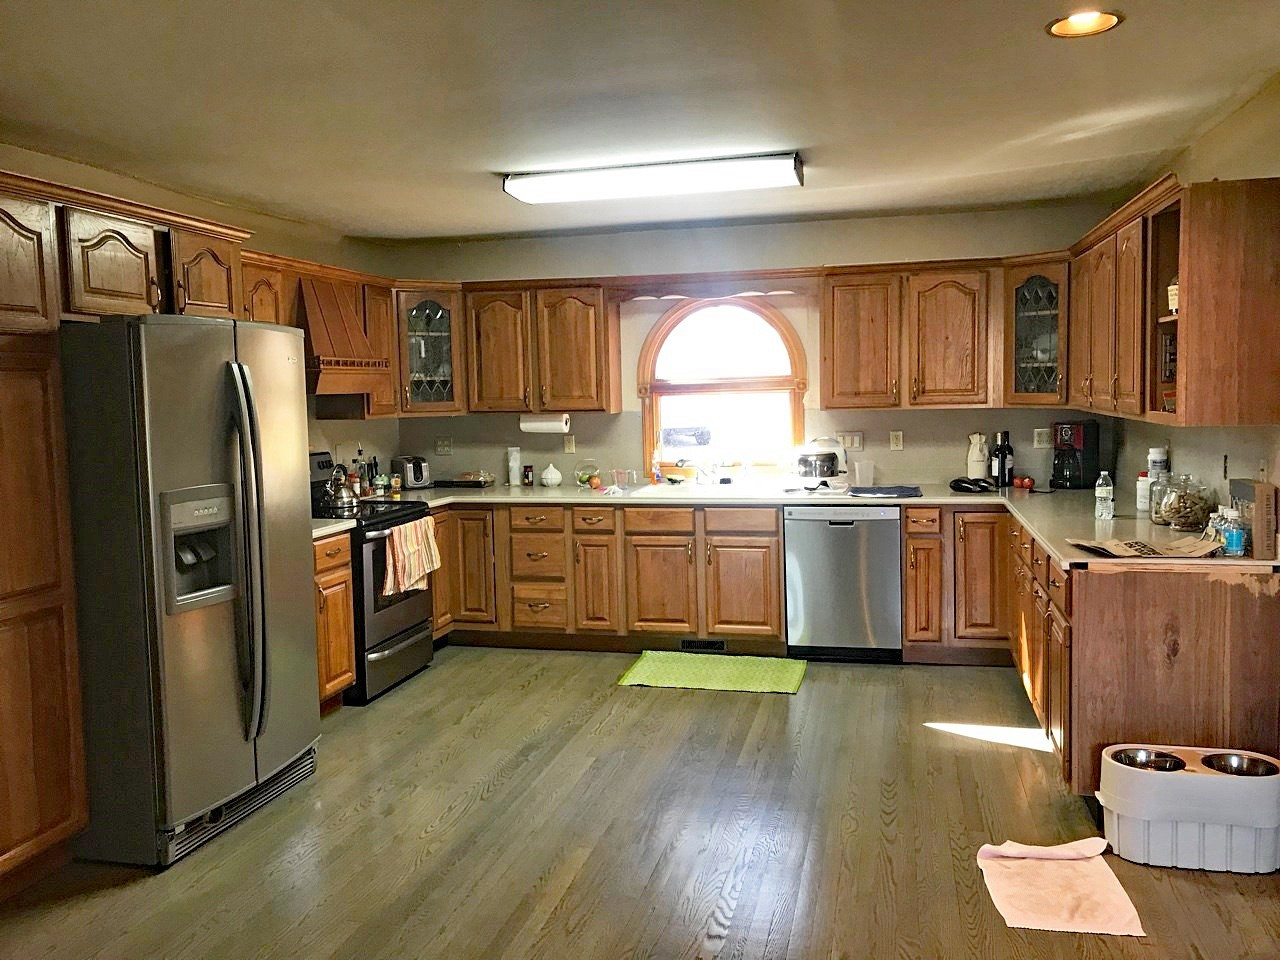 modern-rustic-kitchen-upgrade